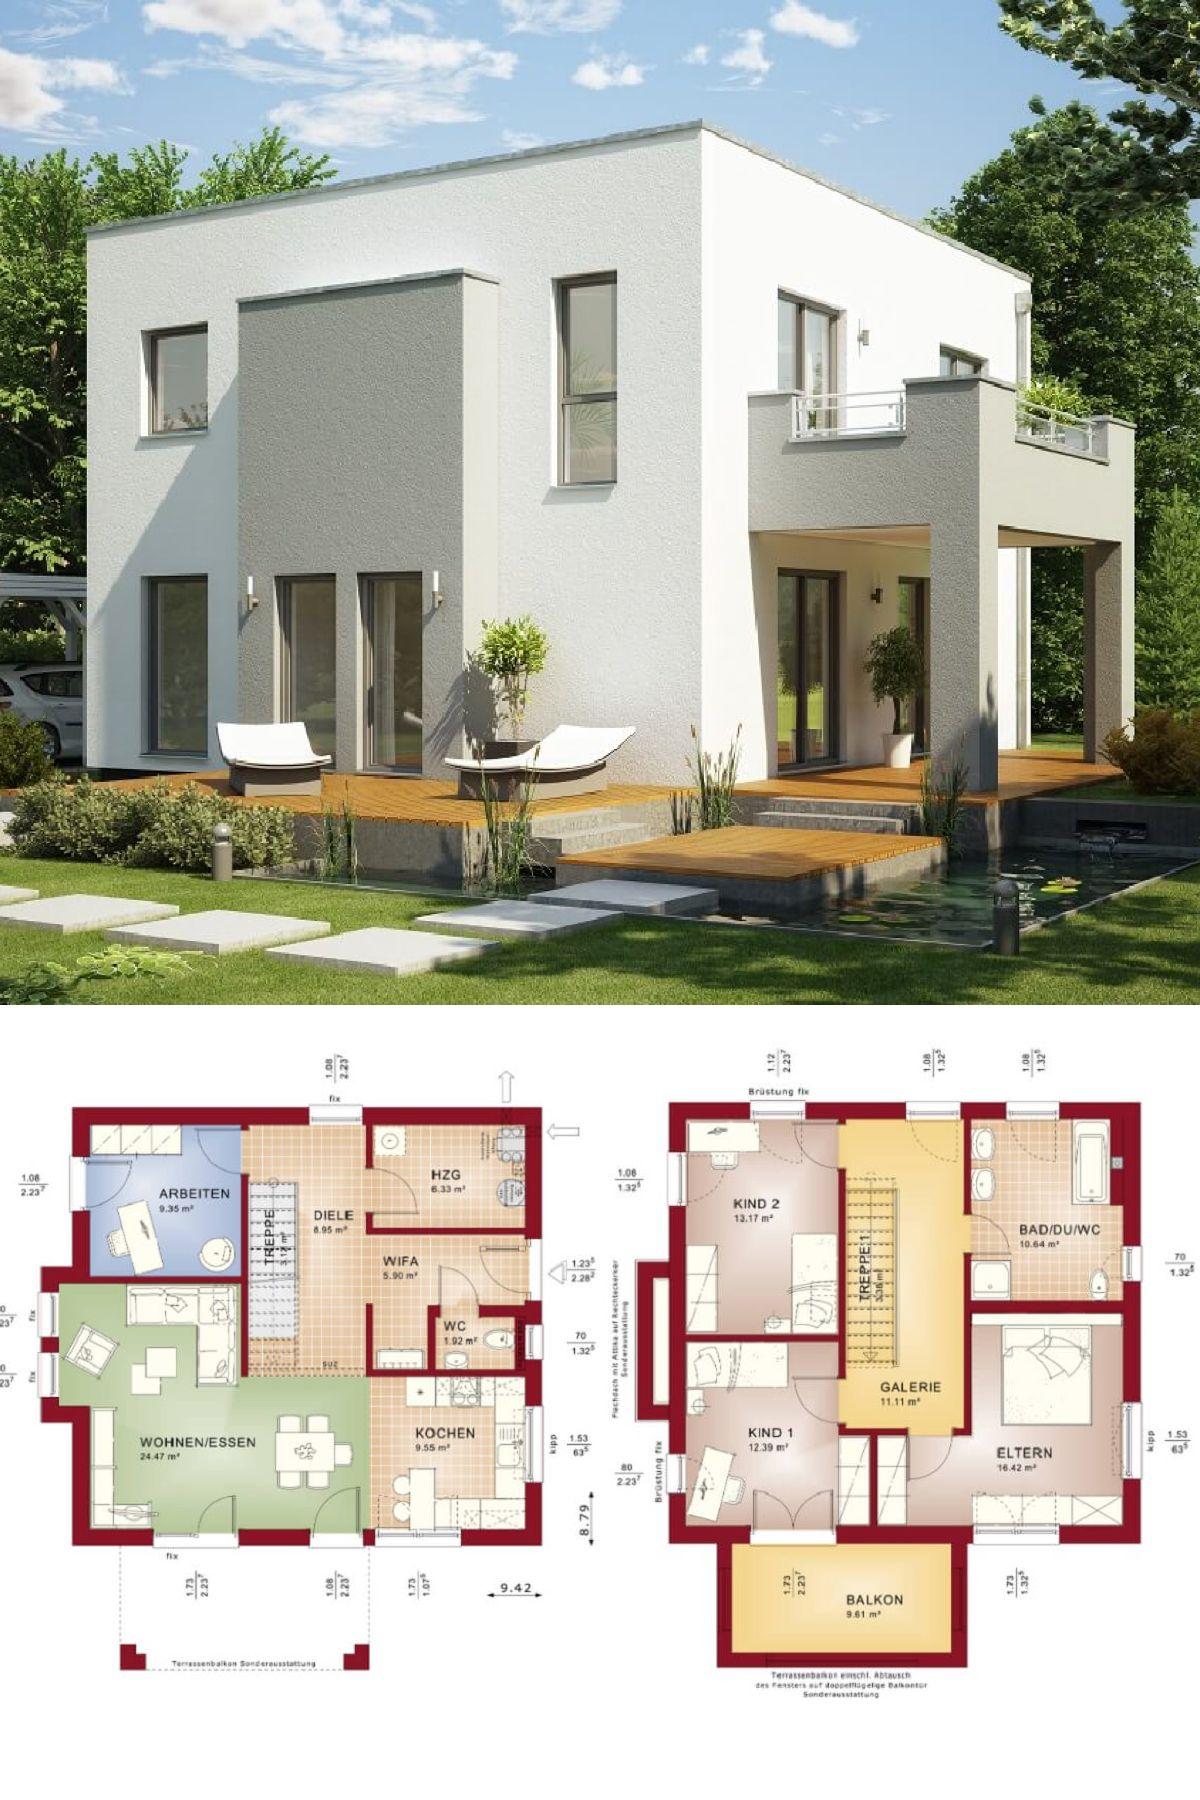 BauhausArchitektur mit Flachdach Haus Evolution 136 V9